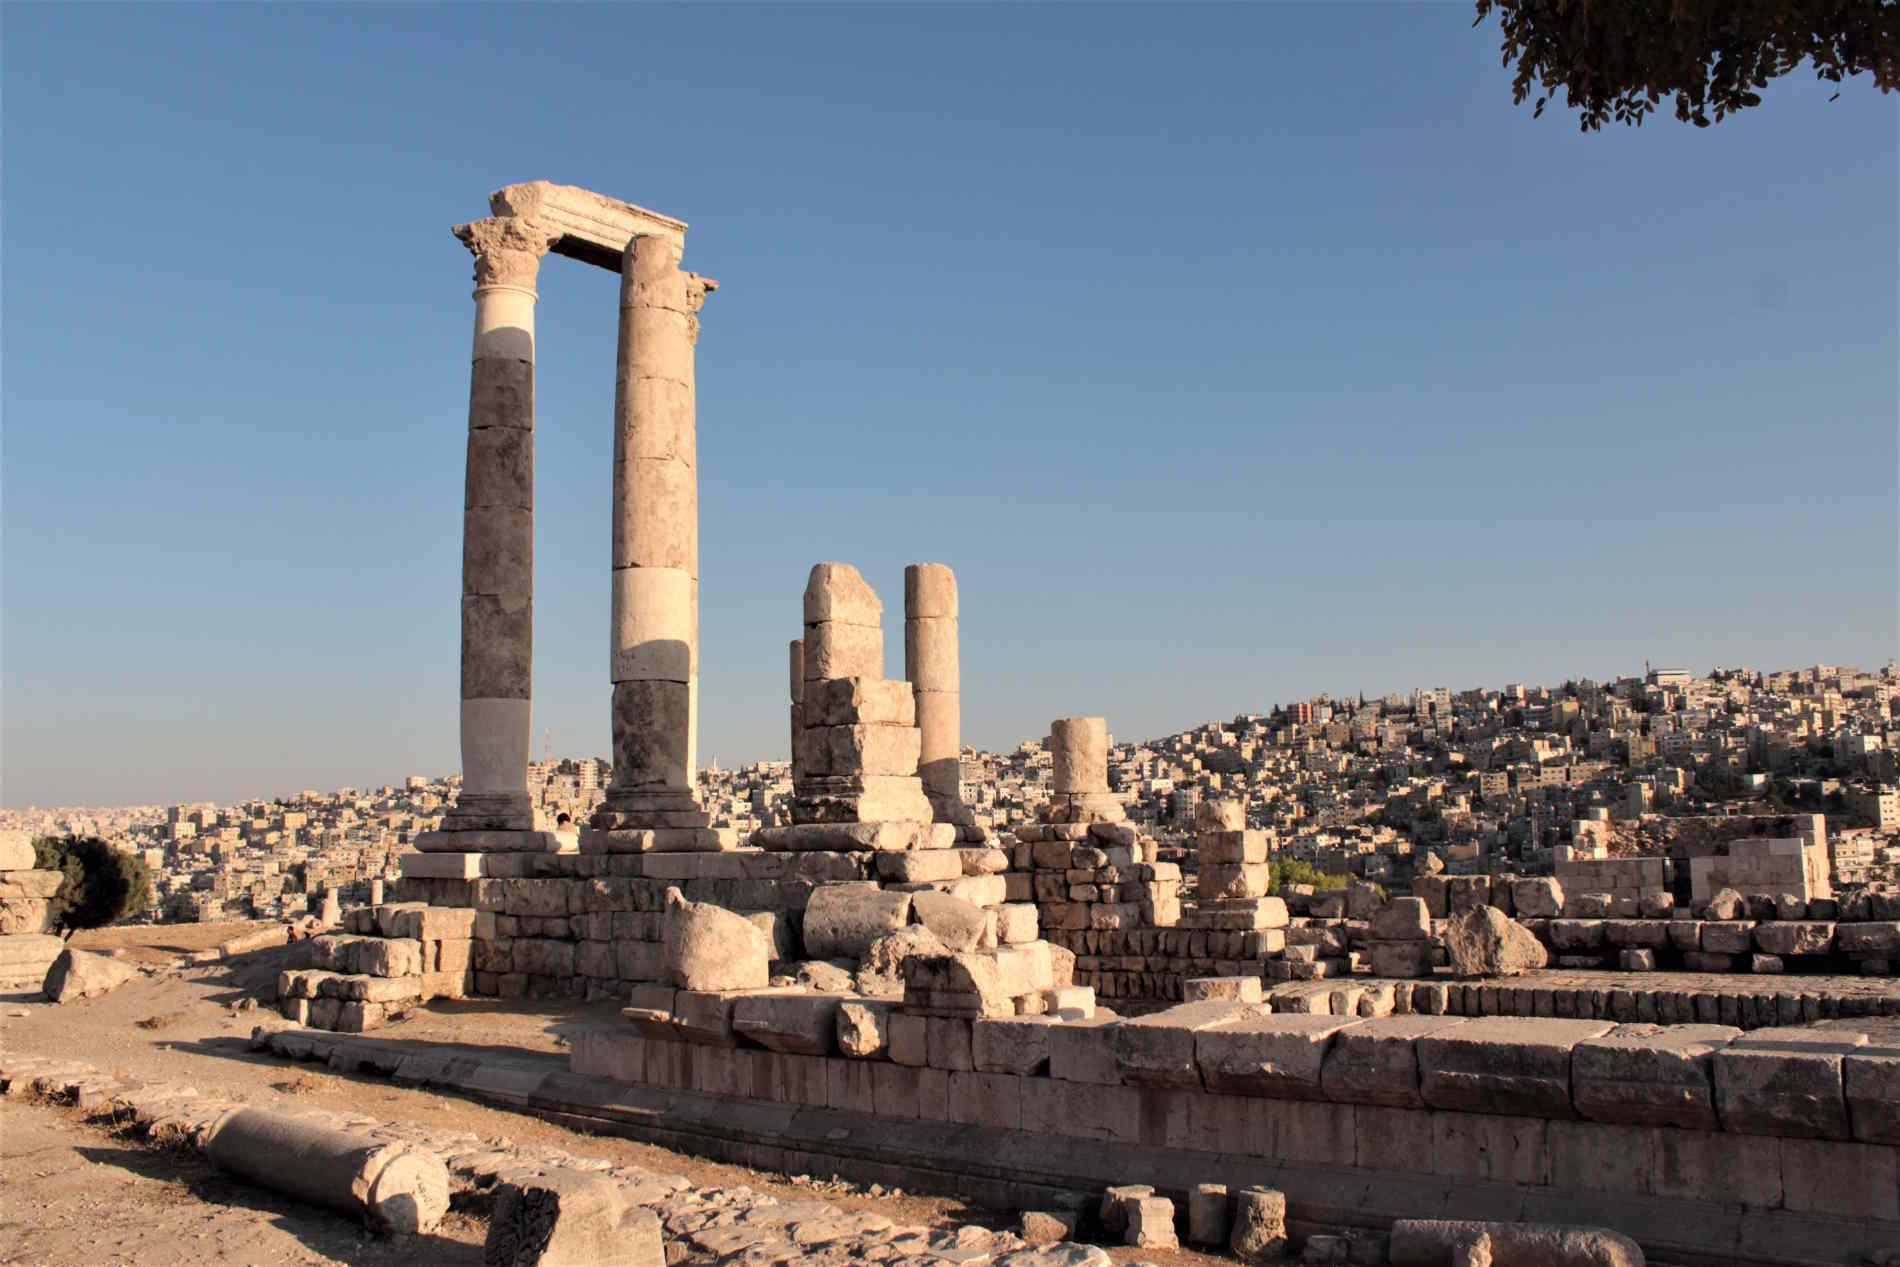 la Cittadelella di Amman cose luoghi imperdibili da visitare in Giordania